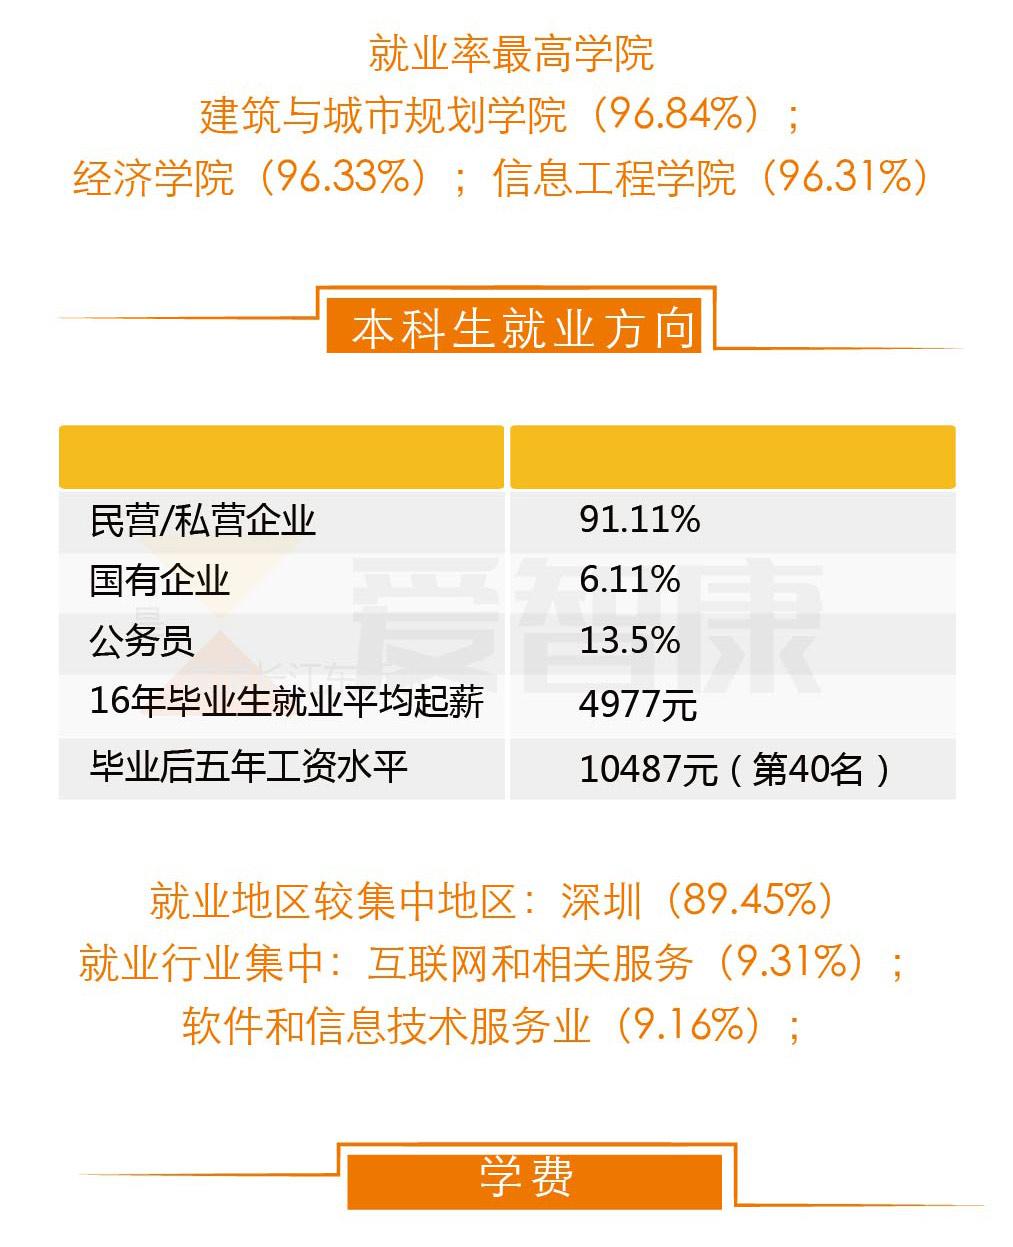 深圳大学毕业生就业方向